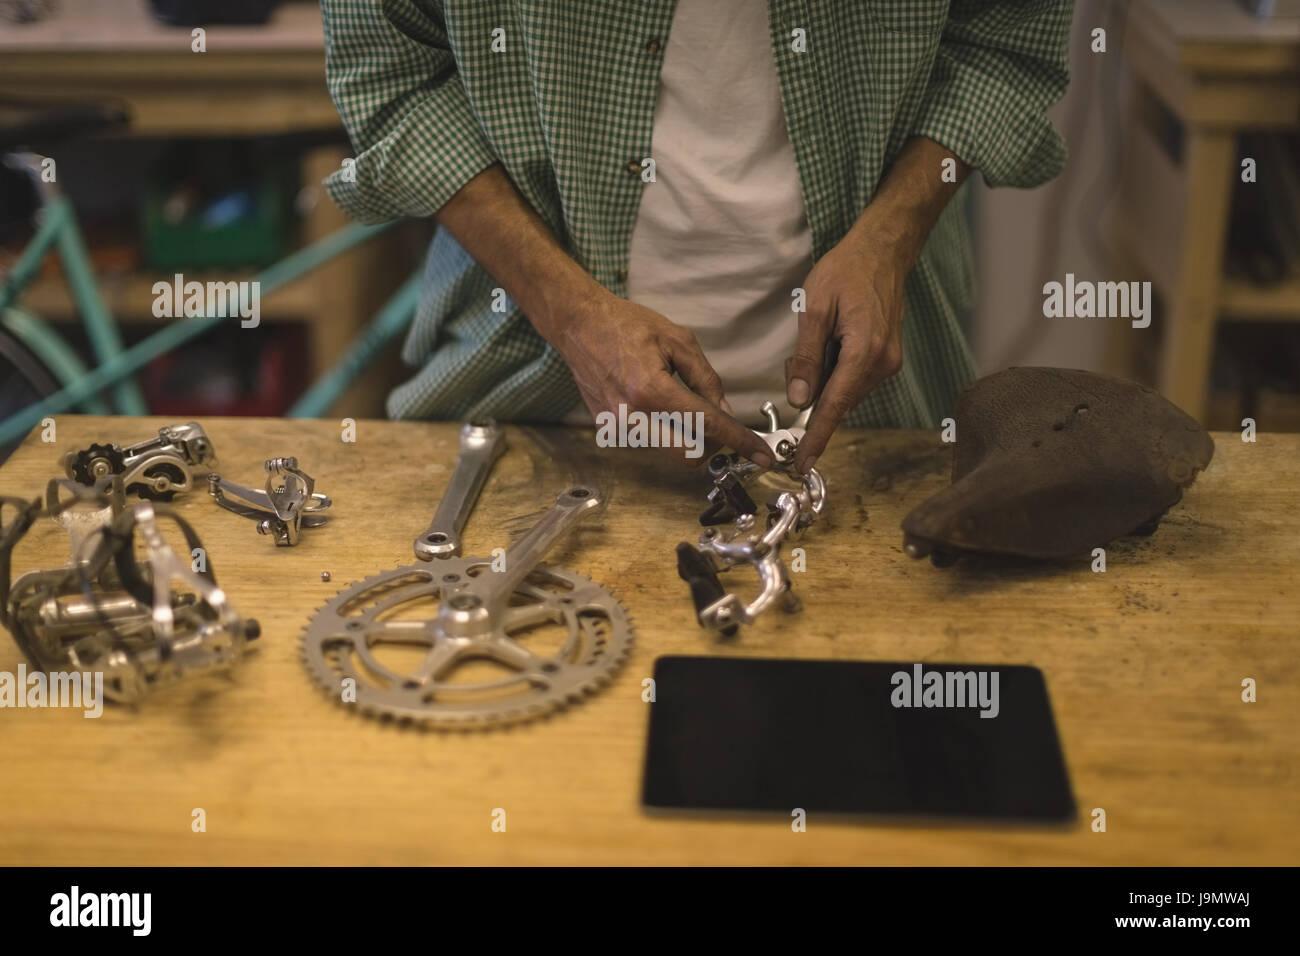 Mittleren Bereich des Arbeitnehmers Reparatur Fahrrad Teil auf Tisch in Werkstatt Stockbild